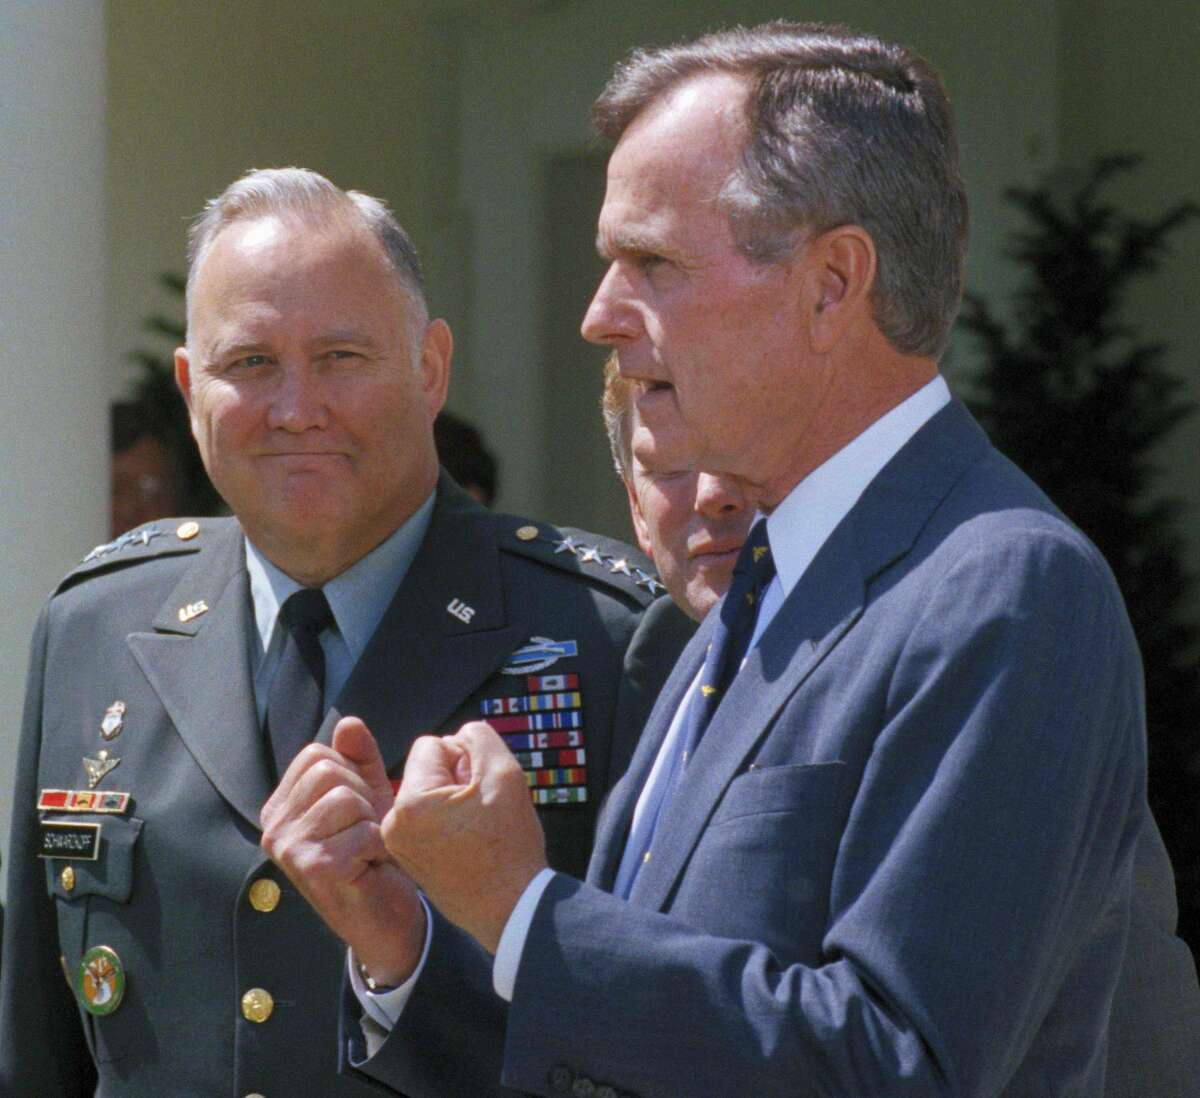 El general Norman Schwarkopf, a la izquierda, asiste a una conferencia de prensa con el presidente George Bush en la Casa Blanca en Washington, en esta foto de archivo del 23 de abril de 1991. Schwarzkopf, ya retirado, murió el jueves en Tampa, Florida. Tenía 78 años. Schwarkopf fue el comandante en jefe de la coalici�n internacional que expulsó a las fuerzas de Saddam Hussein de Kuwait en 1991. (AP Foto/Barry Thumma)